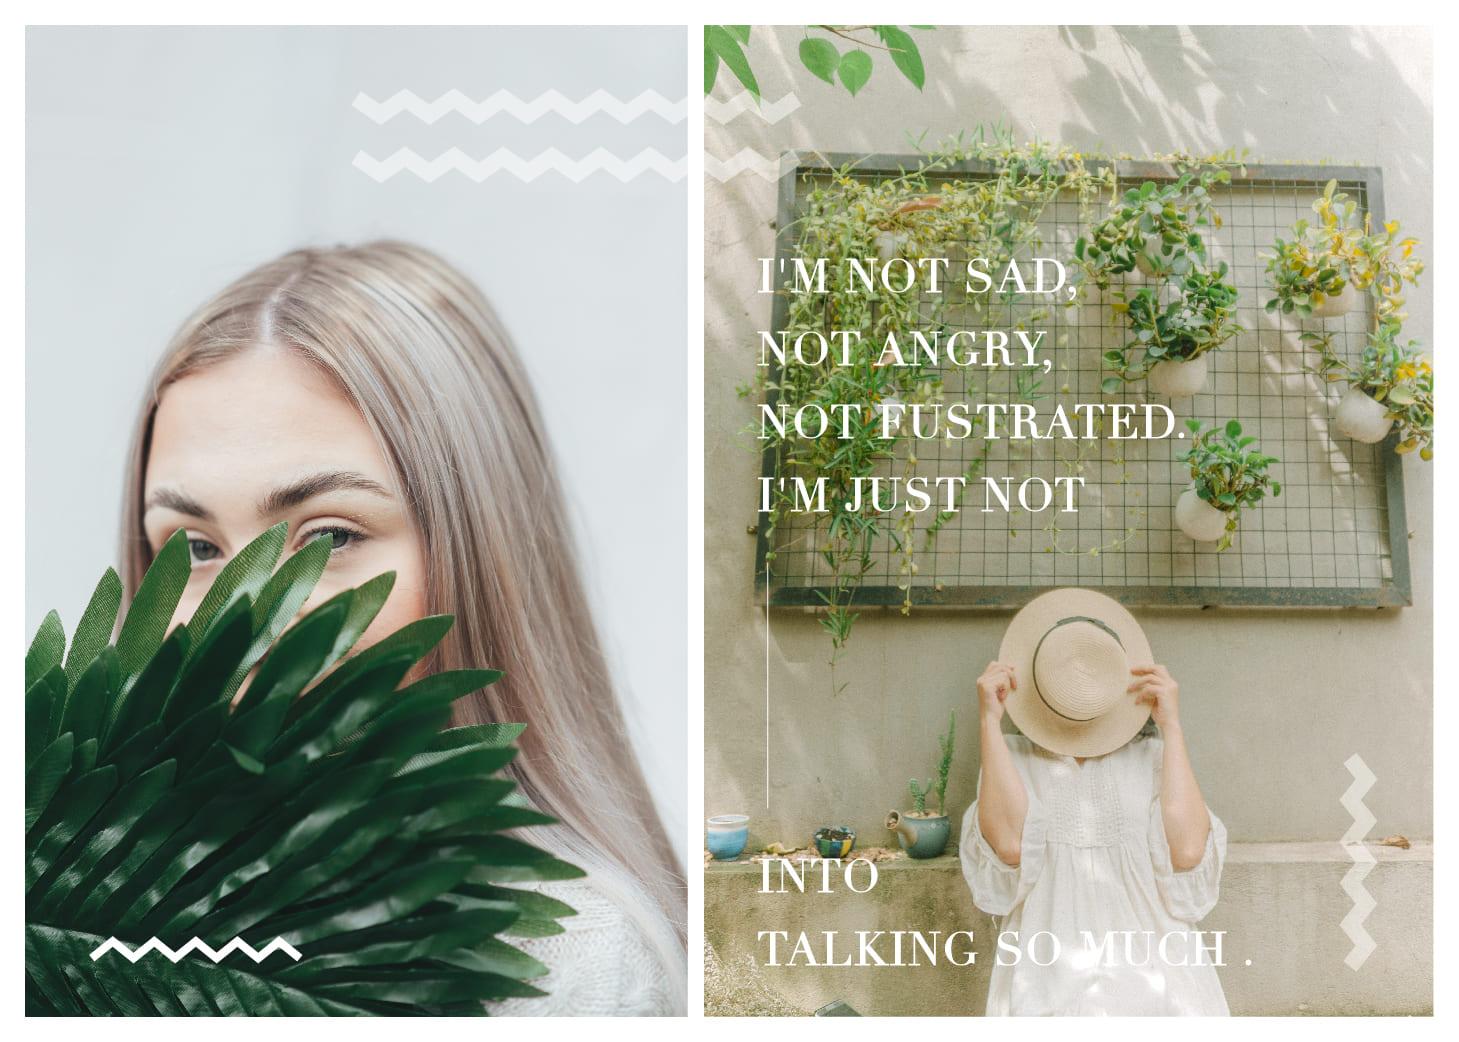 內向者的小劇場:「你先嗨,我OK!」擅於自處的安靜角色,不說話不代表耍孤僻 Letter From Introvert 'I'm not sad, not angry, not fustrated. I'm just not into talking so much.'